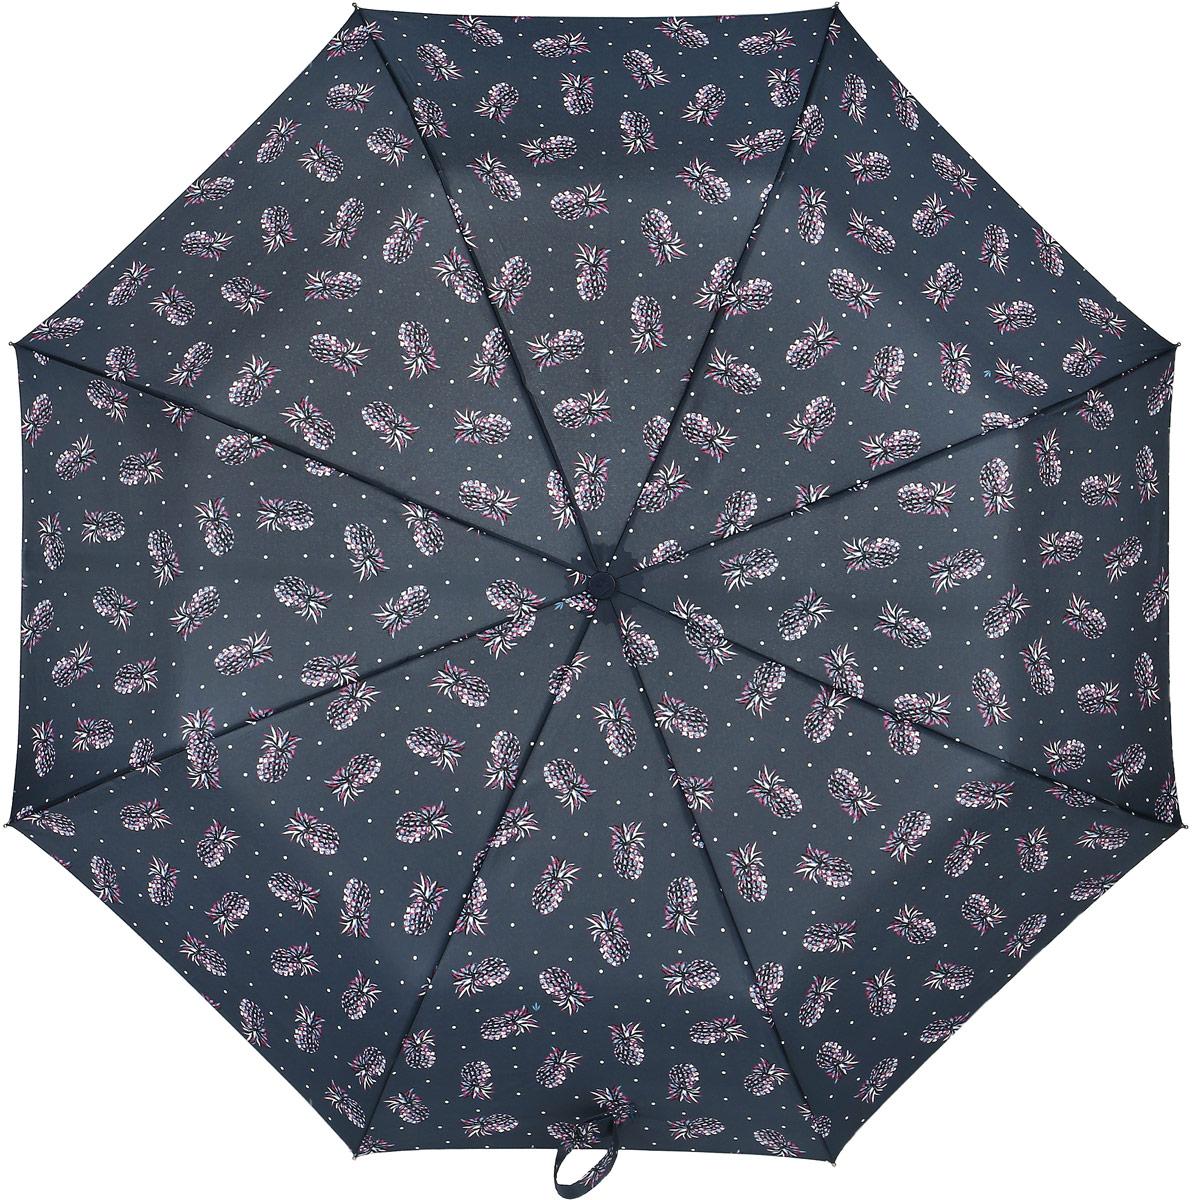 Зонт женский Fulton, механический, 3 сложения, цвет: черный. L354-3378L354-3378 PinappleСтильный механический зонт Fulton имеет 3 сложения, даже в ненастную погоду позволит вам оставаться стильной. Легкий, но в тоже время прочный алюминиевый каркас состоит из восьми спиц с элементами из фибергласса. Купол зонта выполнен из прочного полиэстера с водоотталкивающей пропиткой. Рукоятка закругленной формы, разработанная с учетом требований эргономики, выполнена из каучука. Зонт имеет механический способ сложения: и купол, и стержень открываются и закрываются вручную до характерного щелчка.